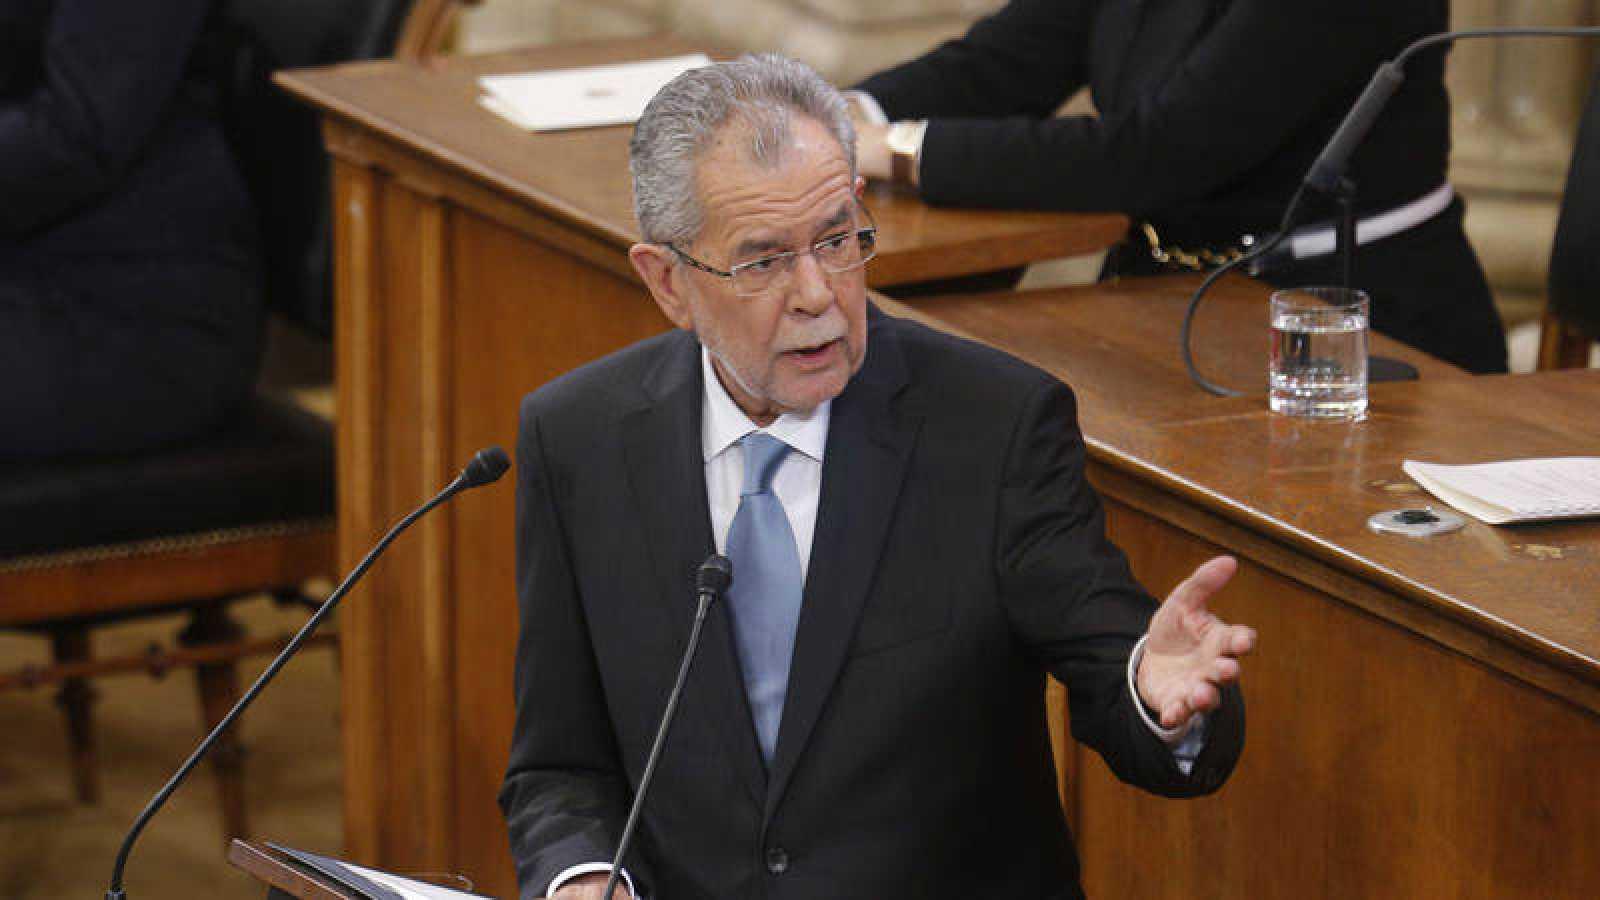 El presidente austriaco, Alexander Van der Bellen, durante su primer discurso en el cargo.